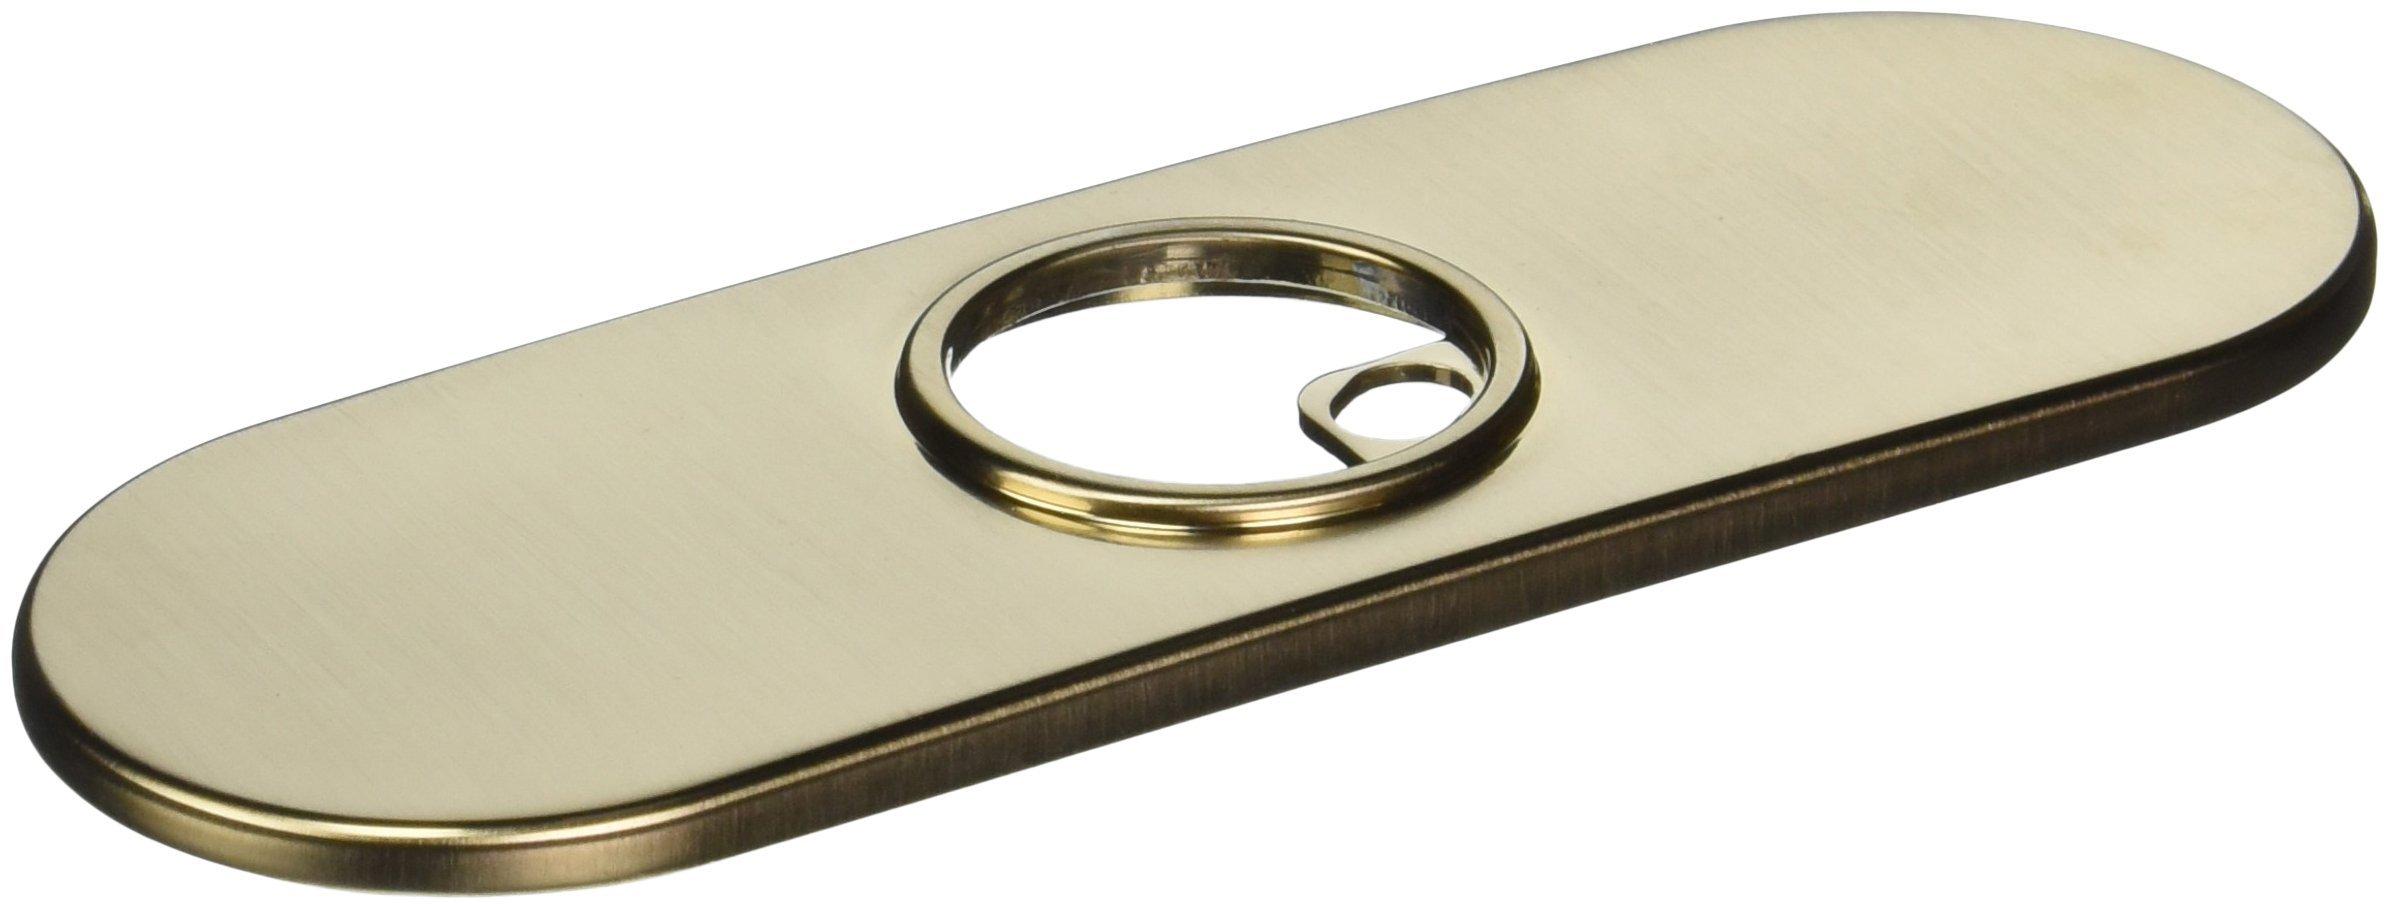 Delta Faucet RP72991CZ Trinsic, Escutcheon, 3 Hole Gasket, Champagne Bronze